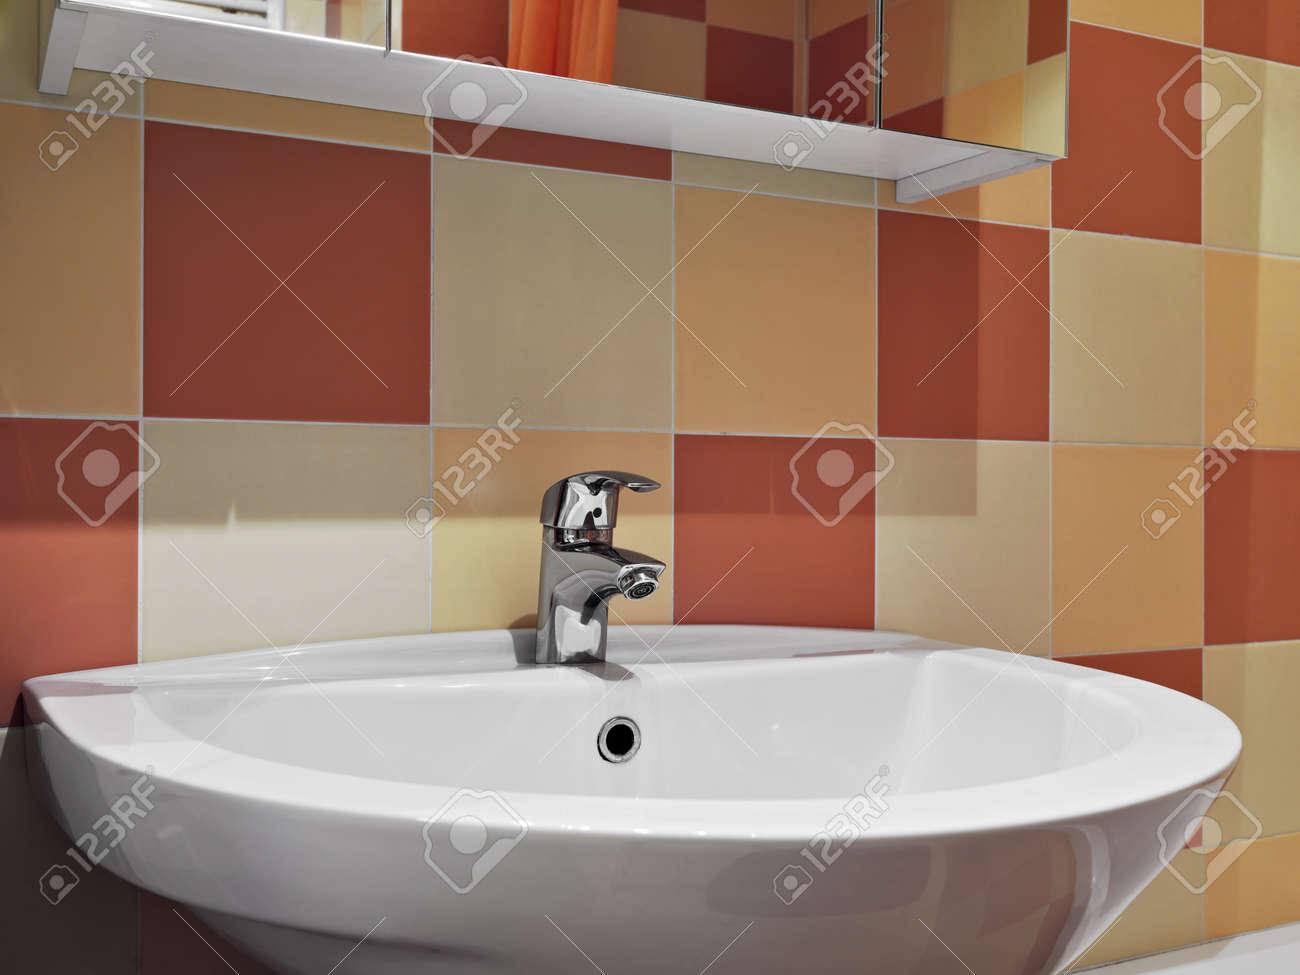 Grifo de acero para un lavabo con azulejos de colores en un cuarto de baño  moderno